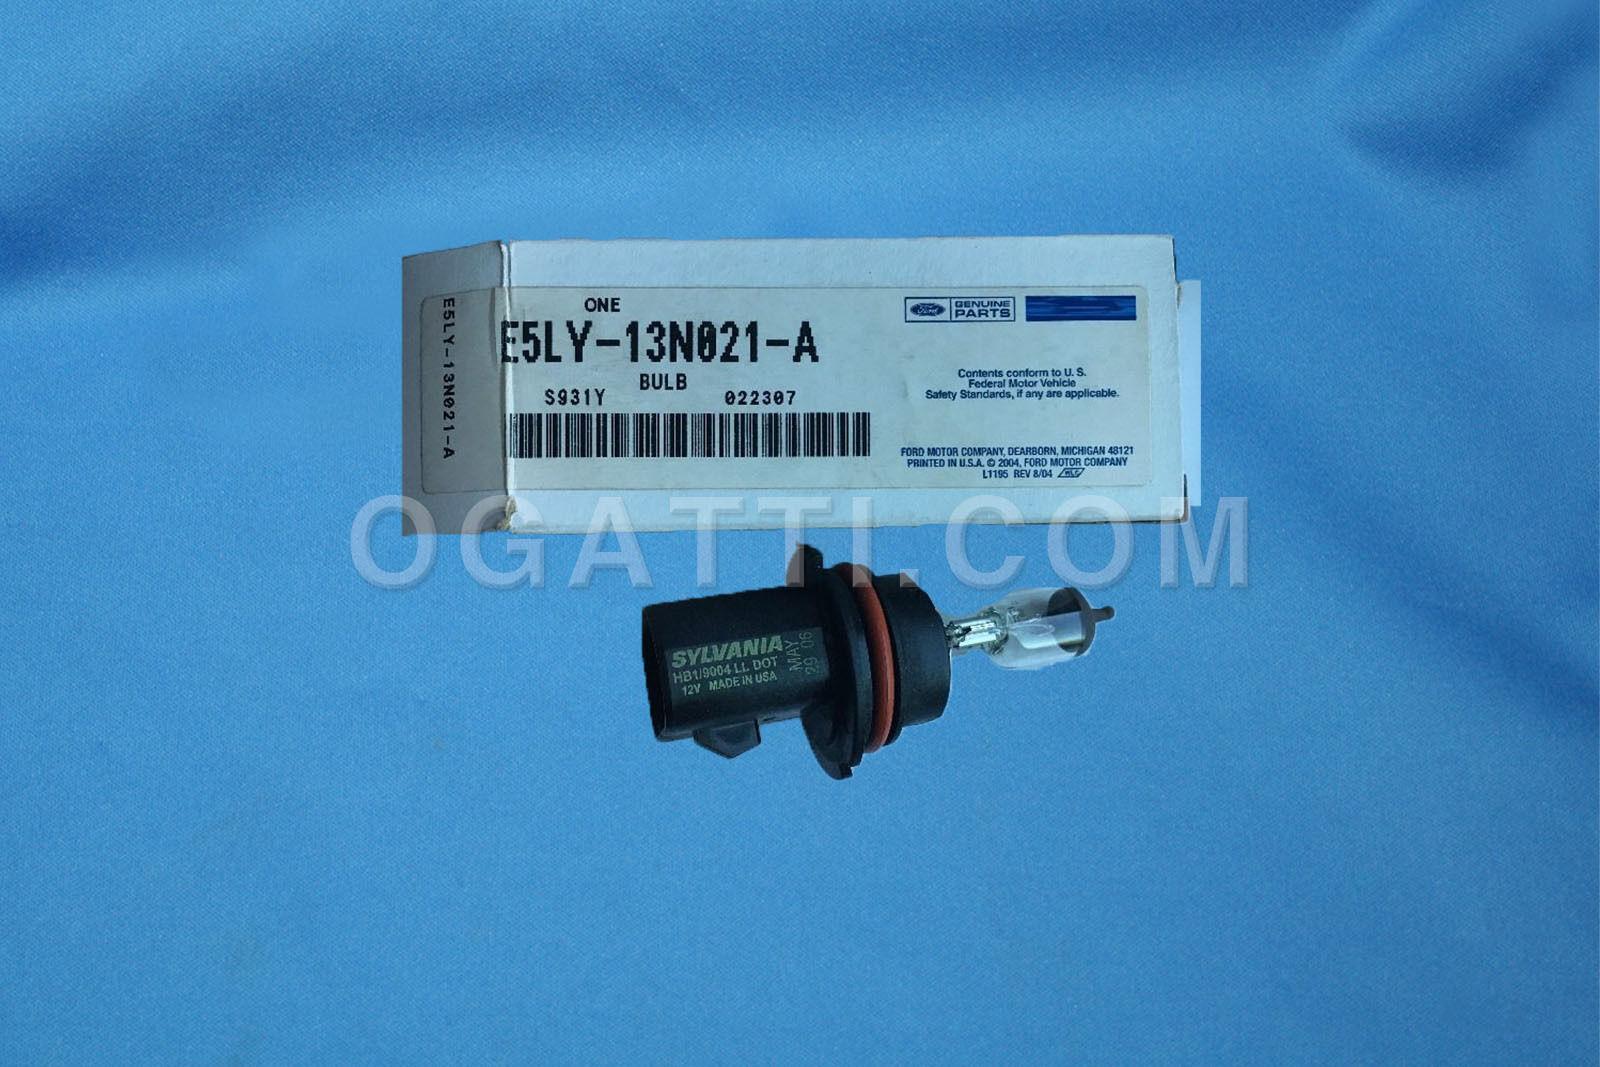 Brand New OEM BULB E5LY-13N021-A |13N021|